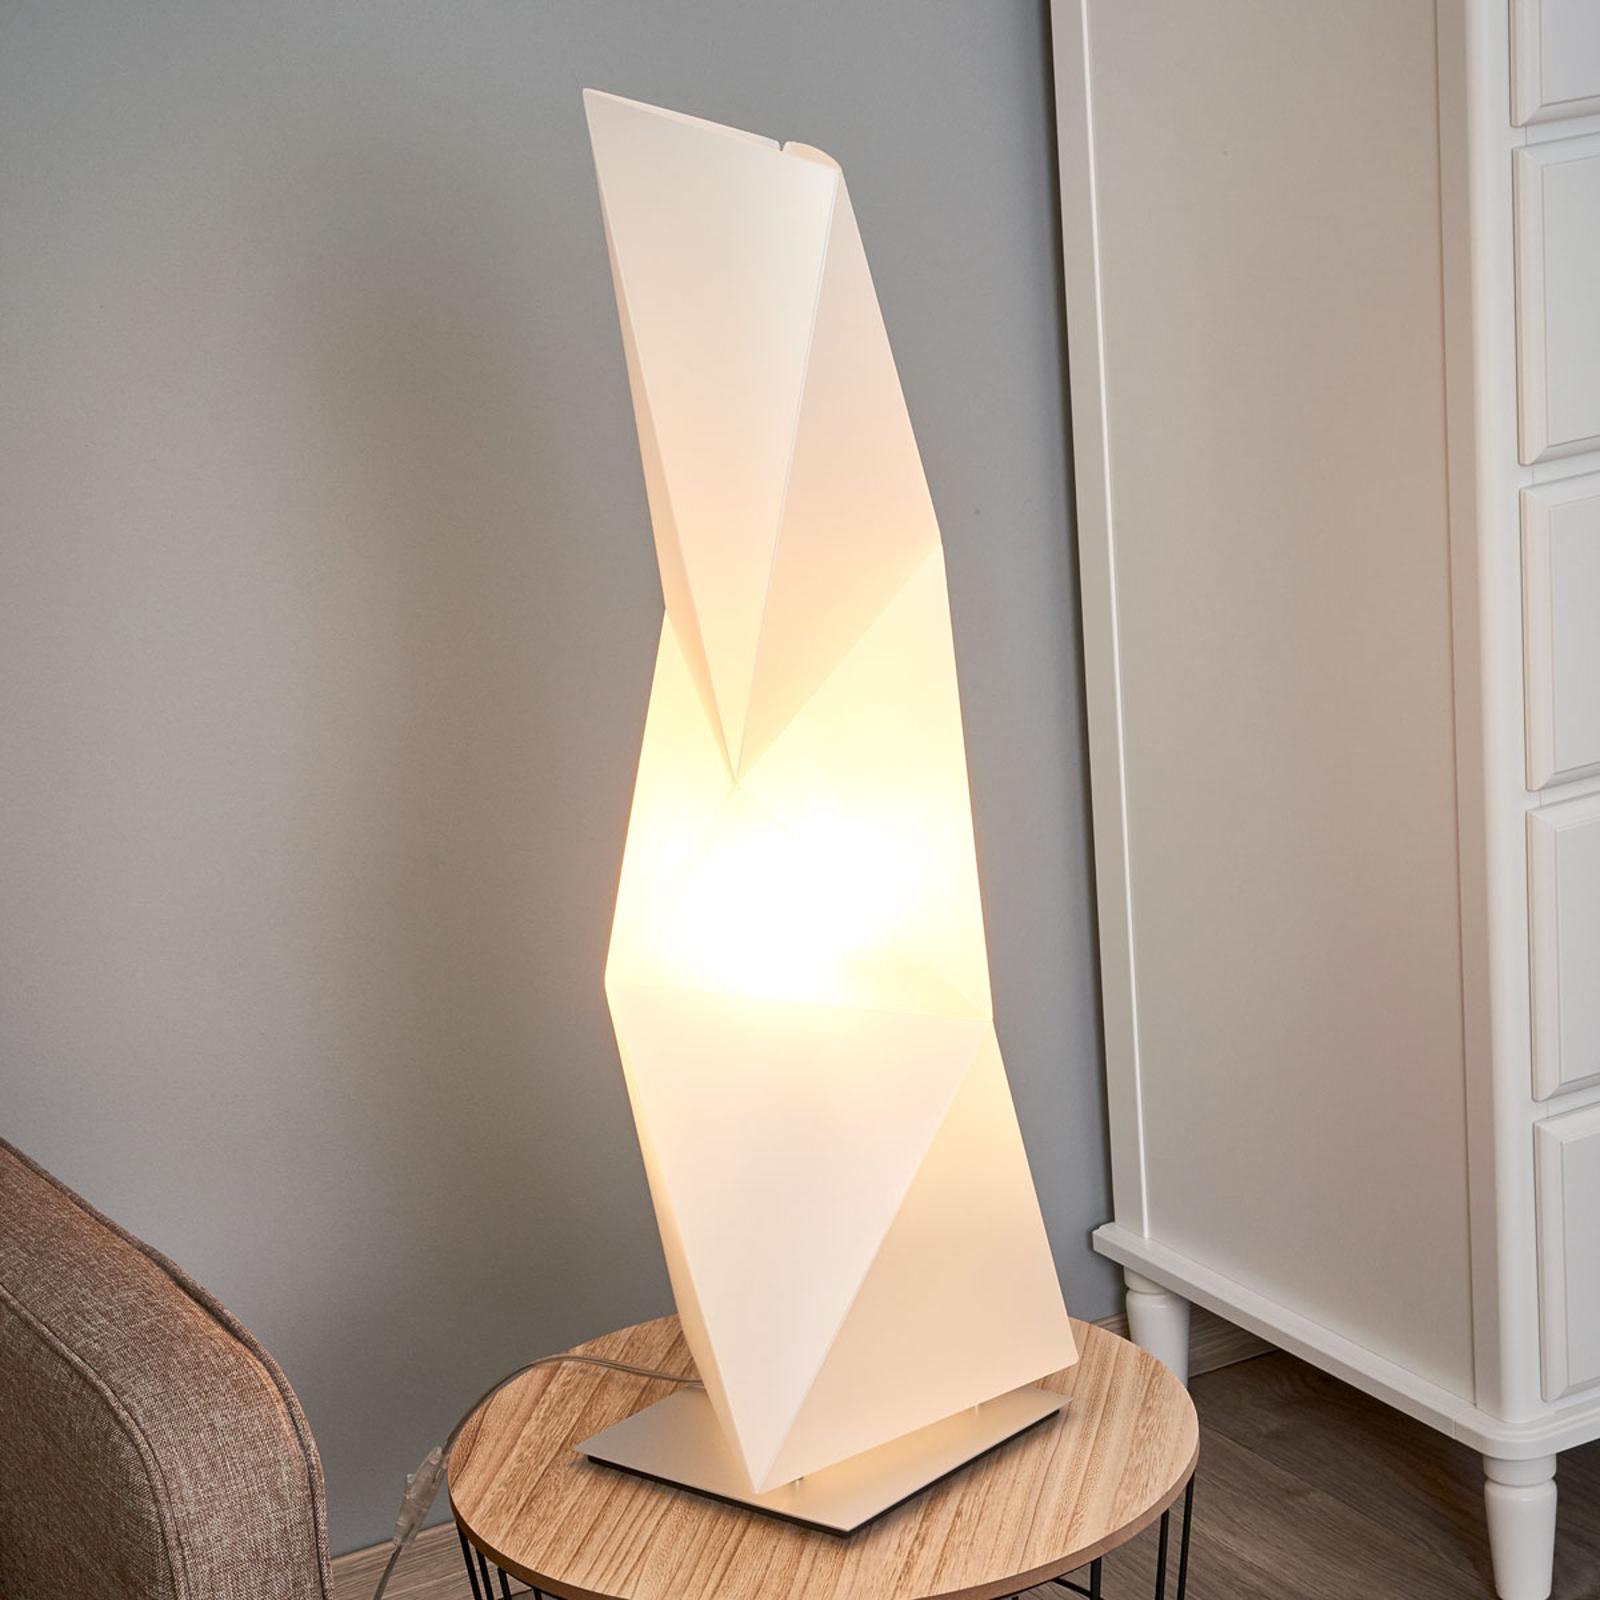 Lampe à poser de designer Diamond anguleuse 72 cm